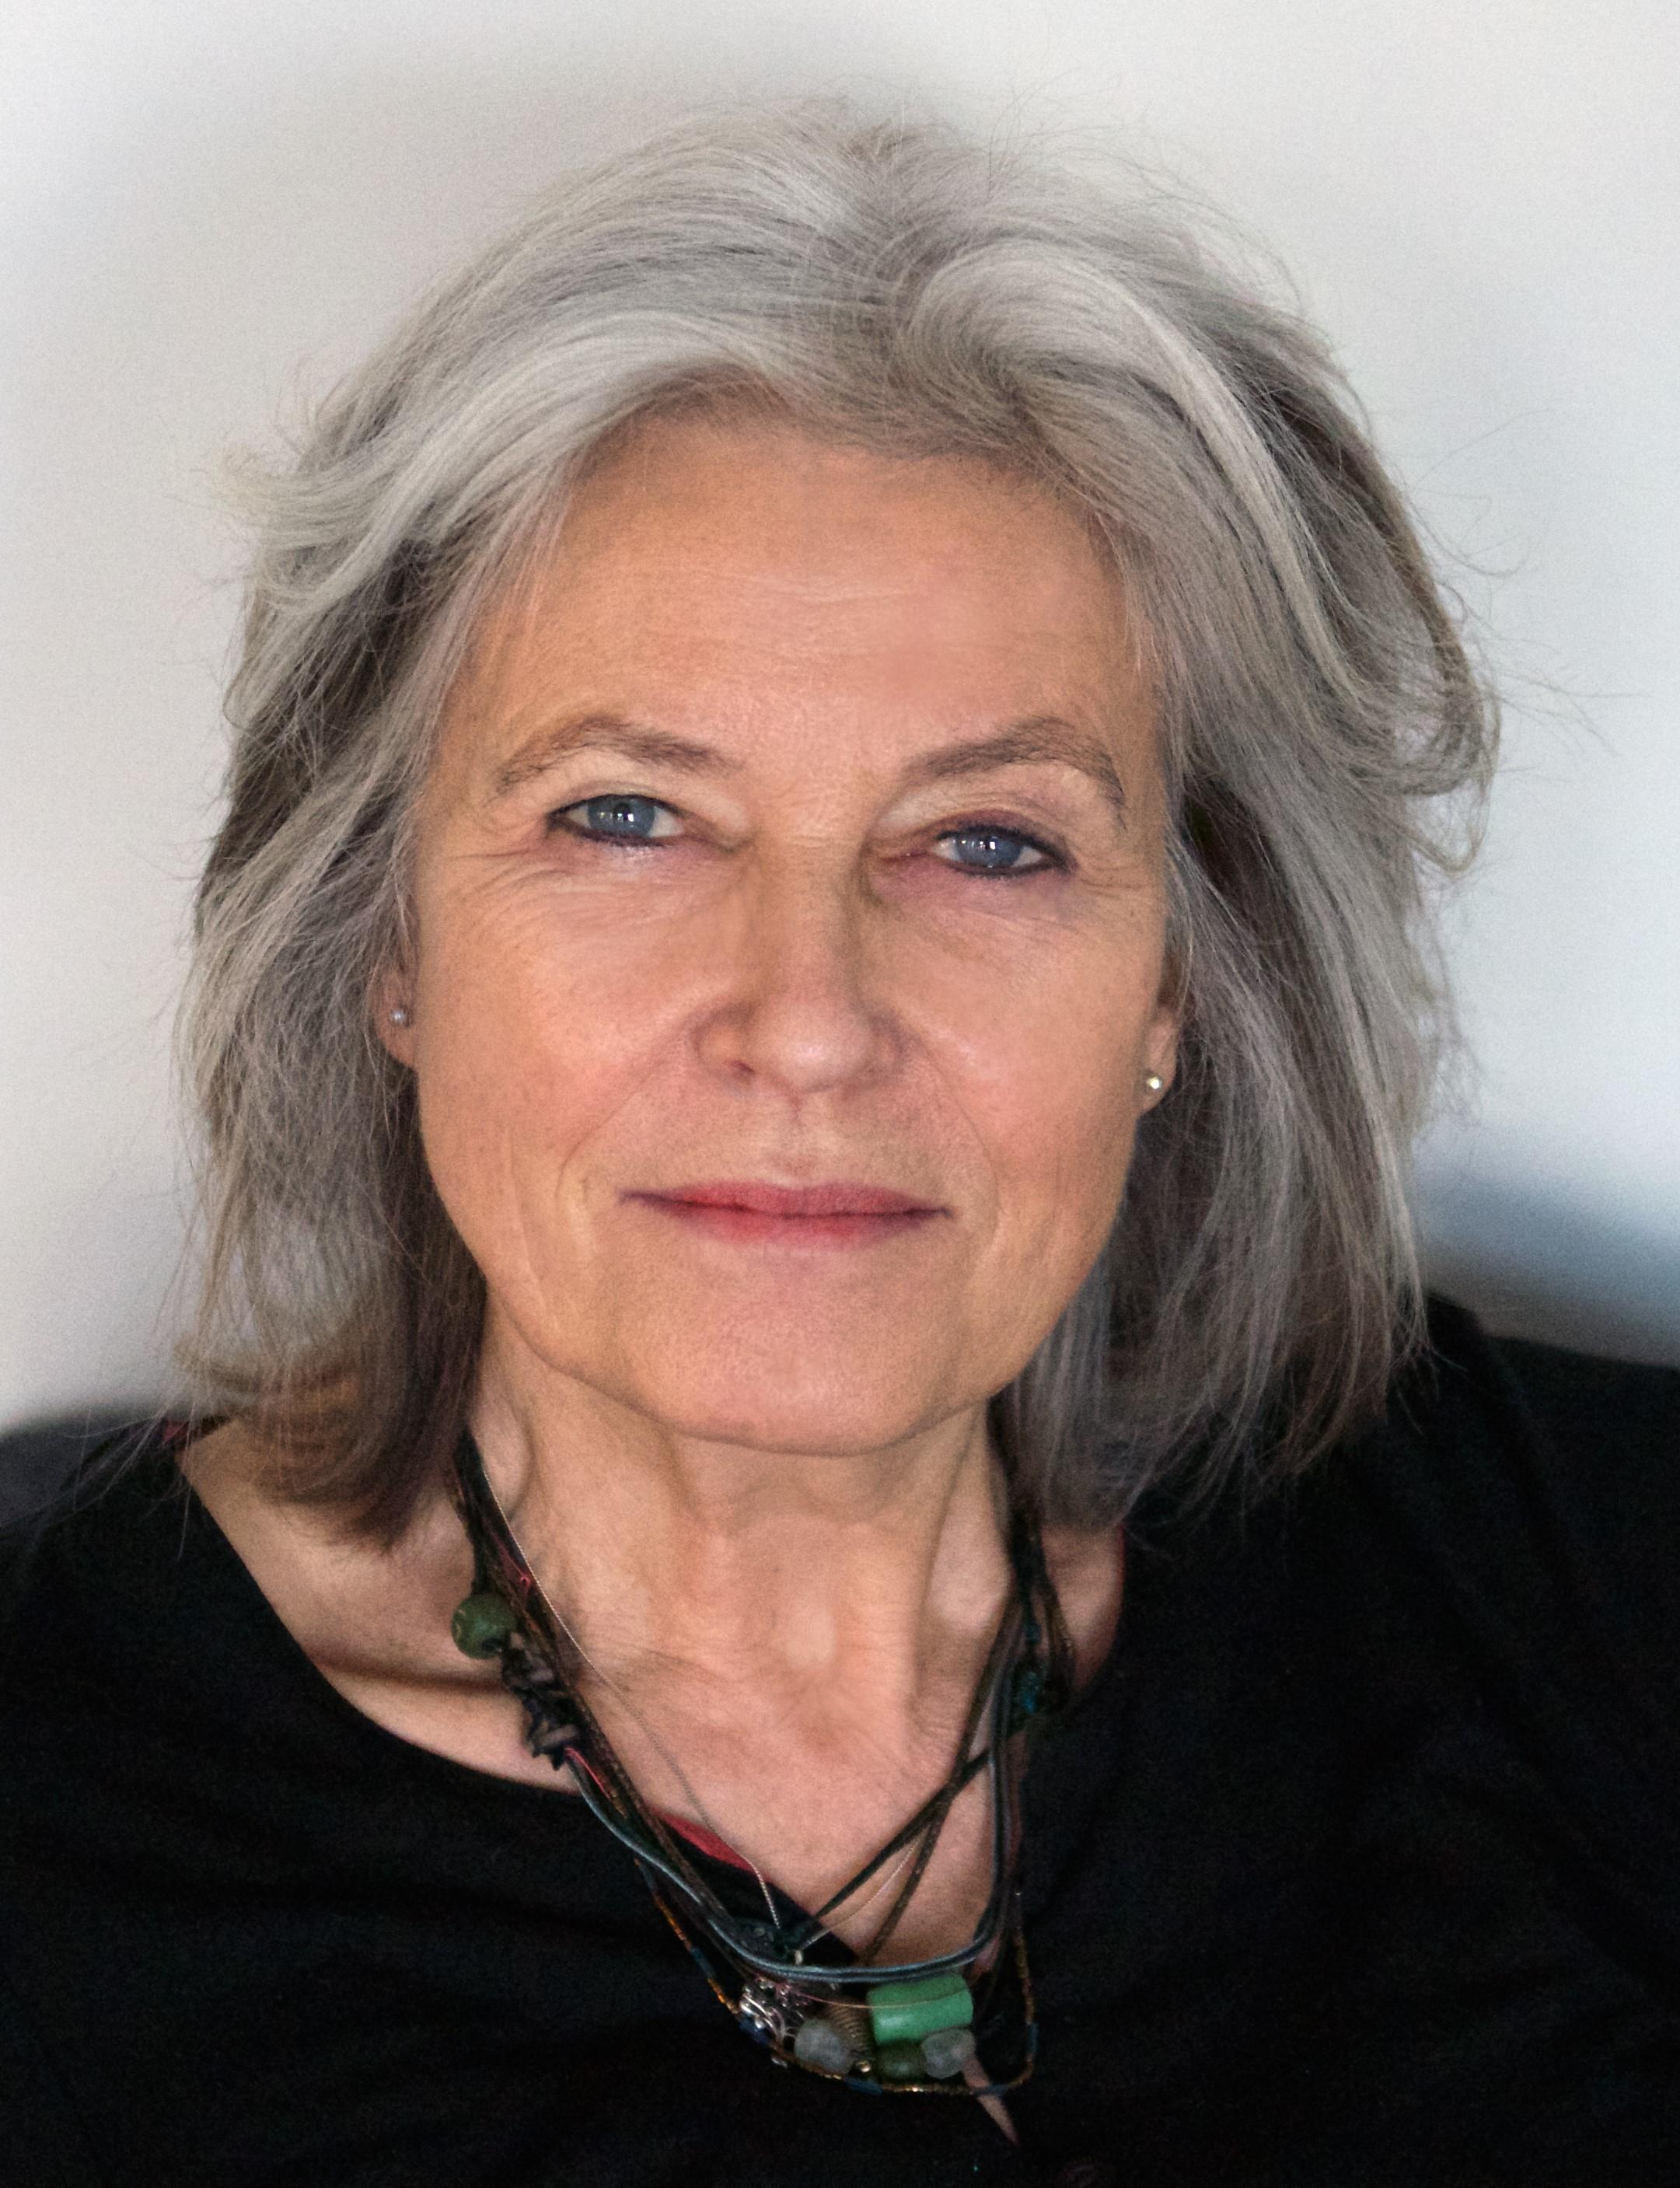 Janne Hejgaard